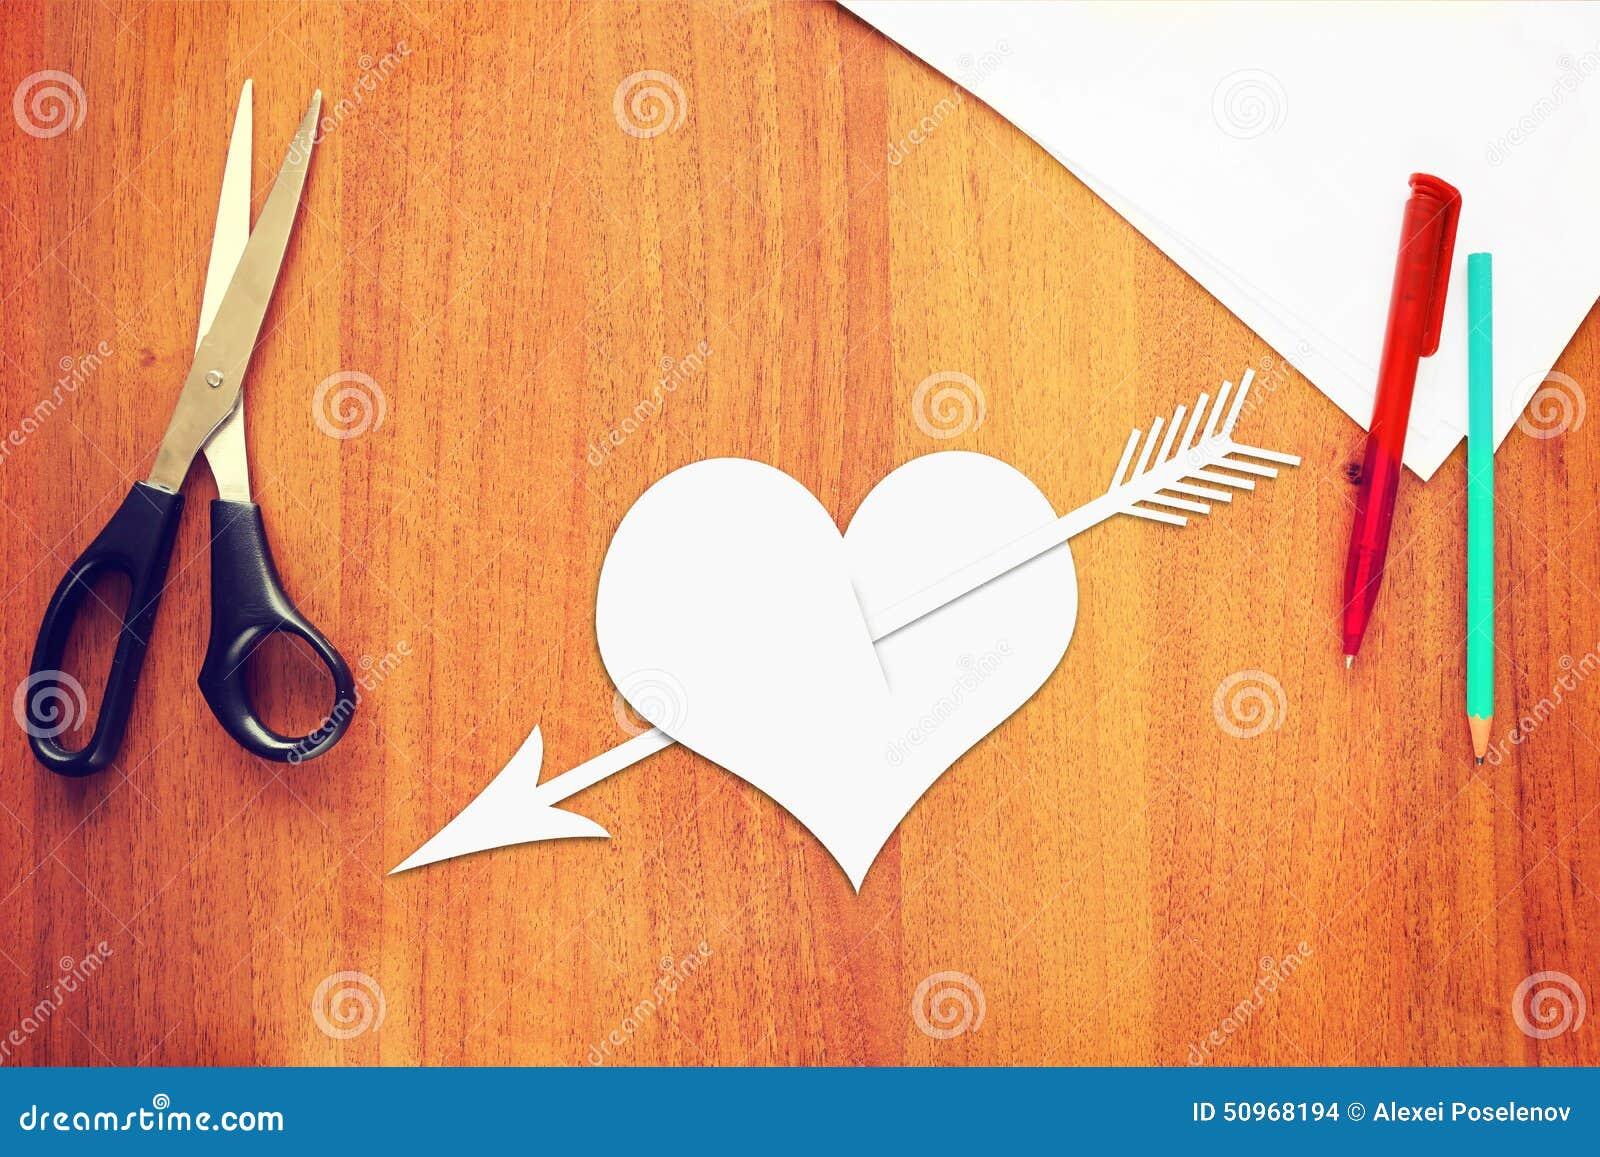 symbole de l 39 amour un coeur de papier perc par une fl che photo stock image 50968194. Black Bedroom Furniture Sets. Home Design Ideas